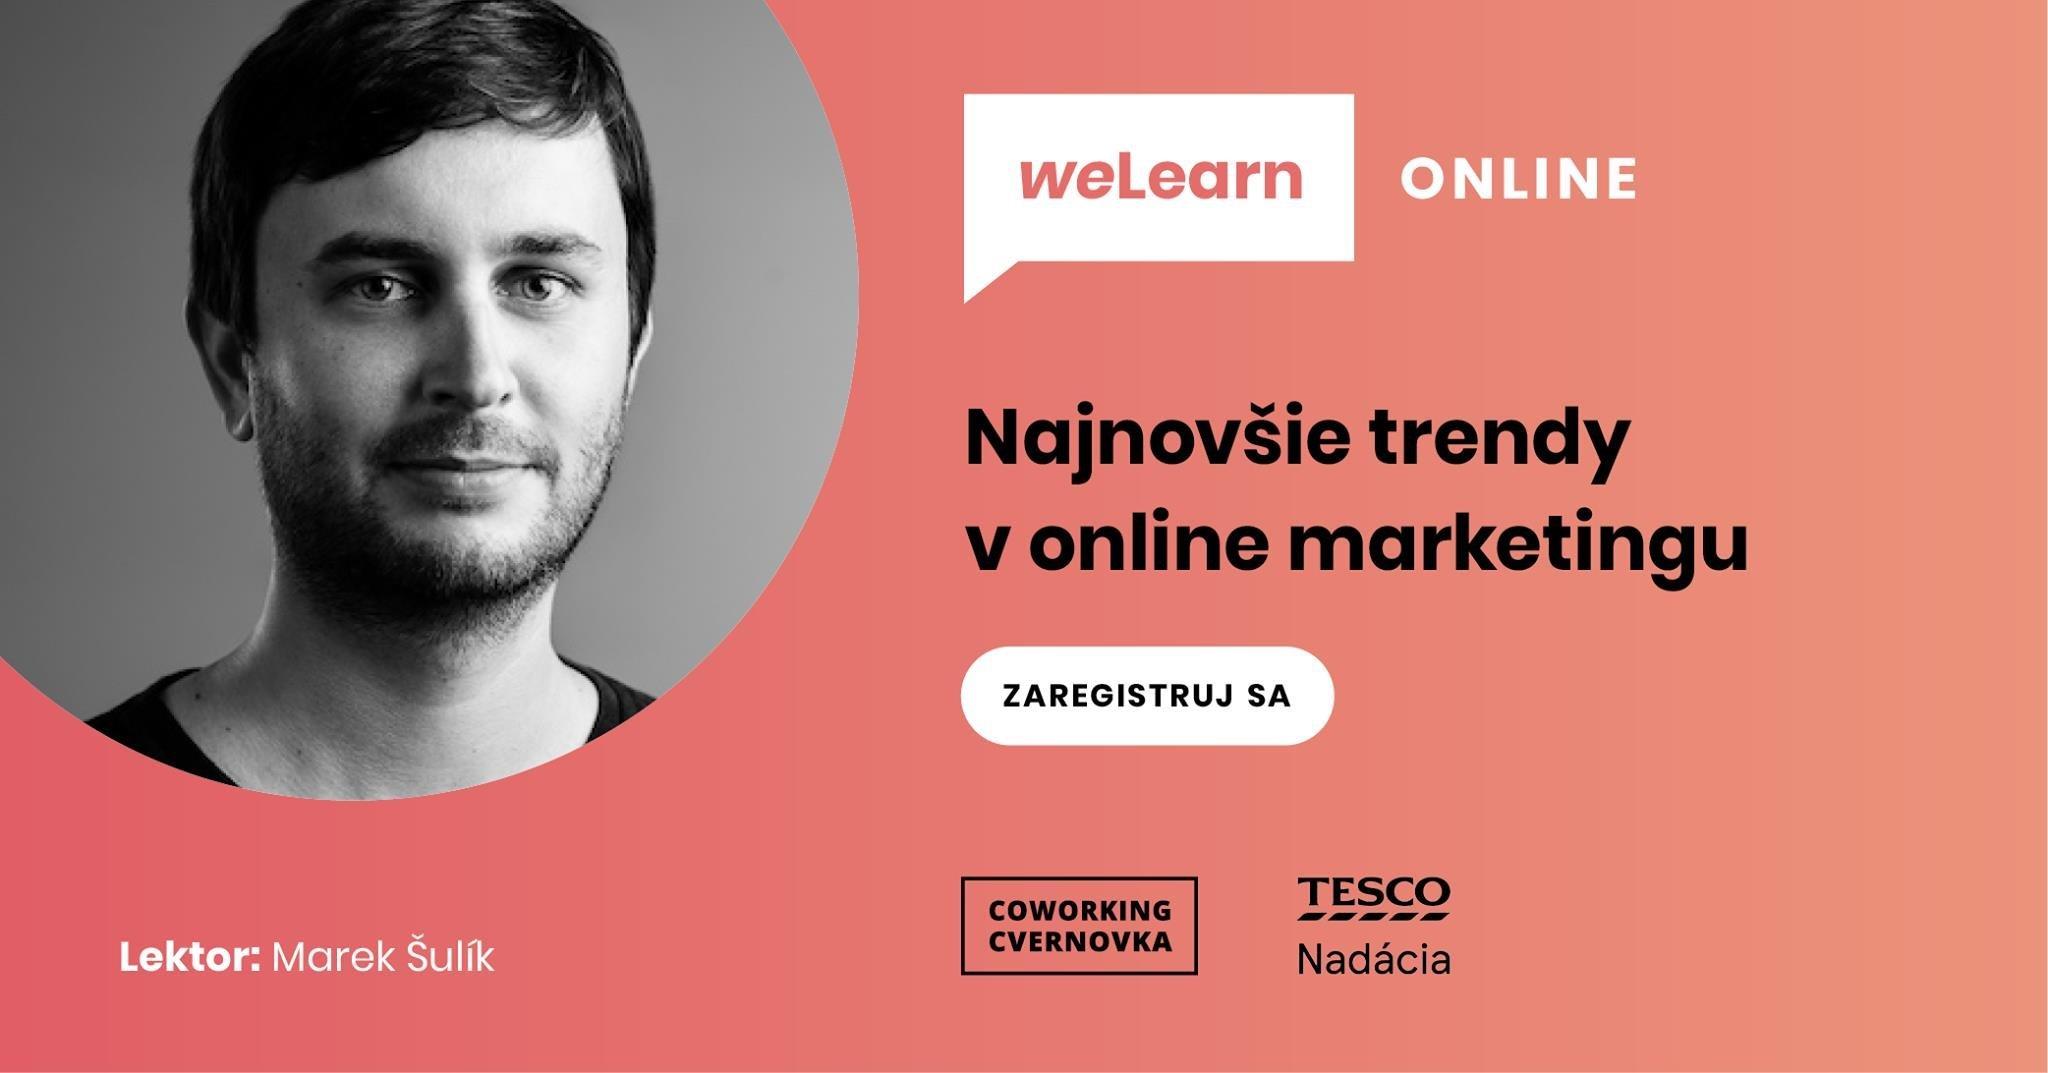 WeLearn: Najnovšie trendy v online marketingu